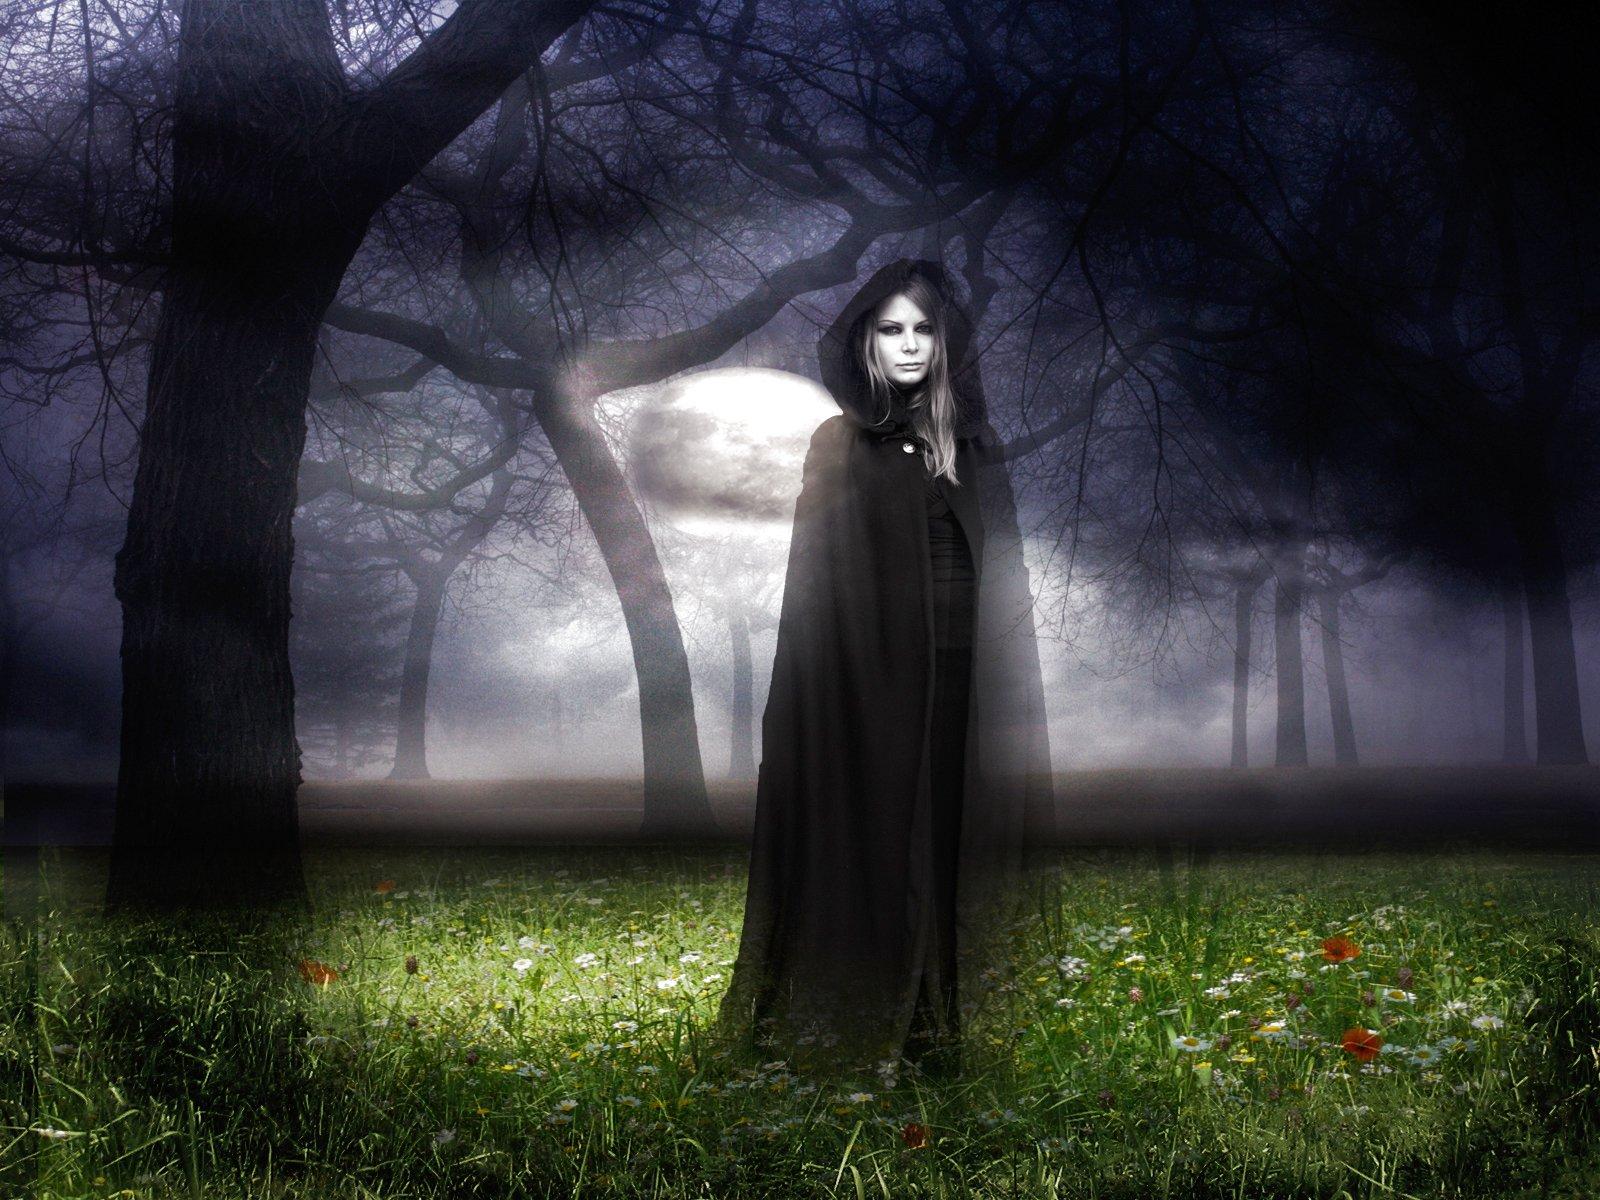 николаевича ведьма тьма картинки фото